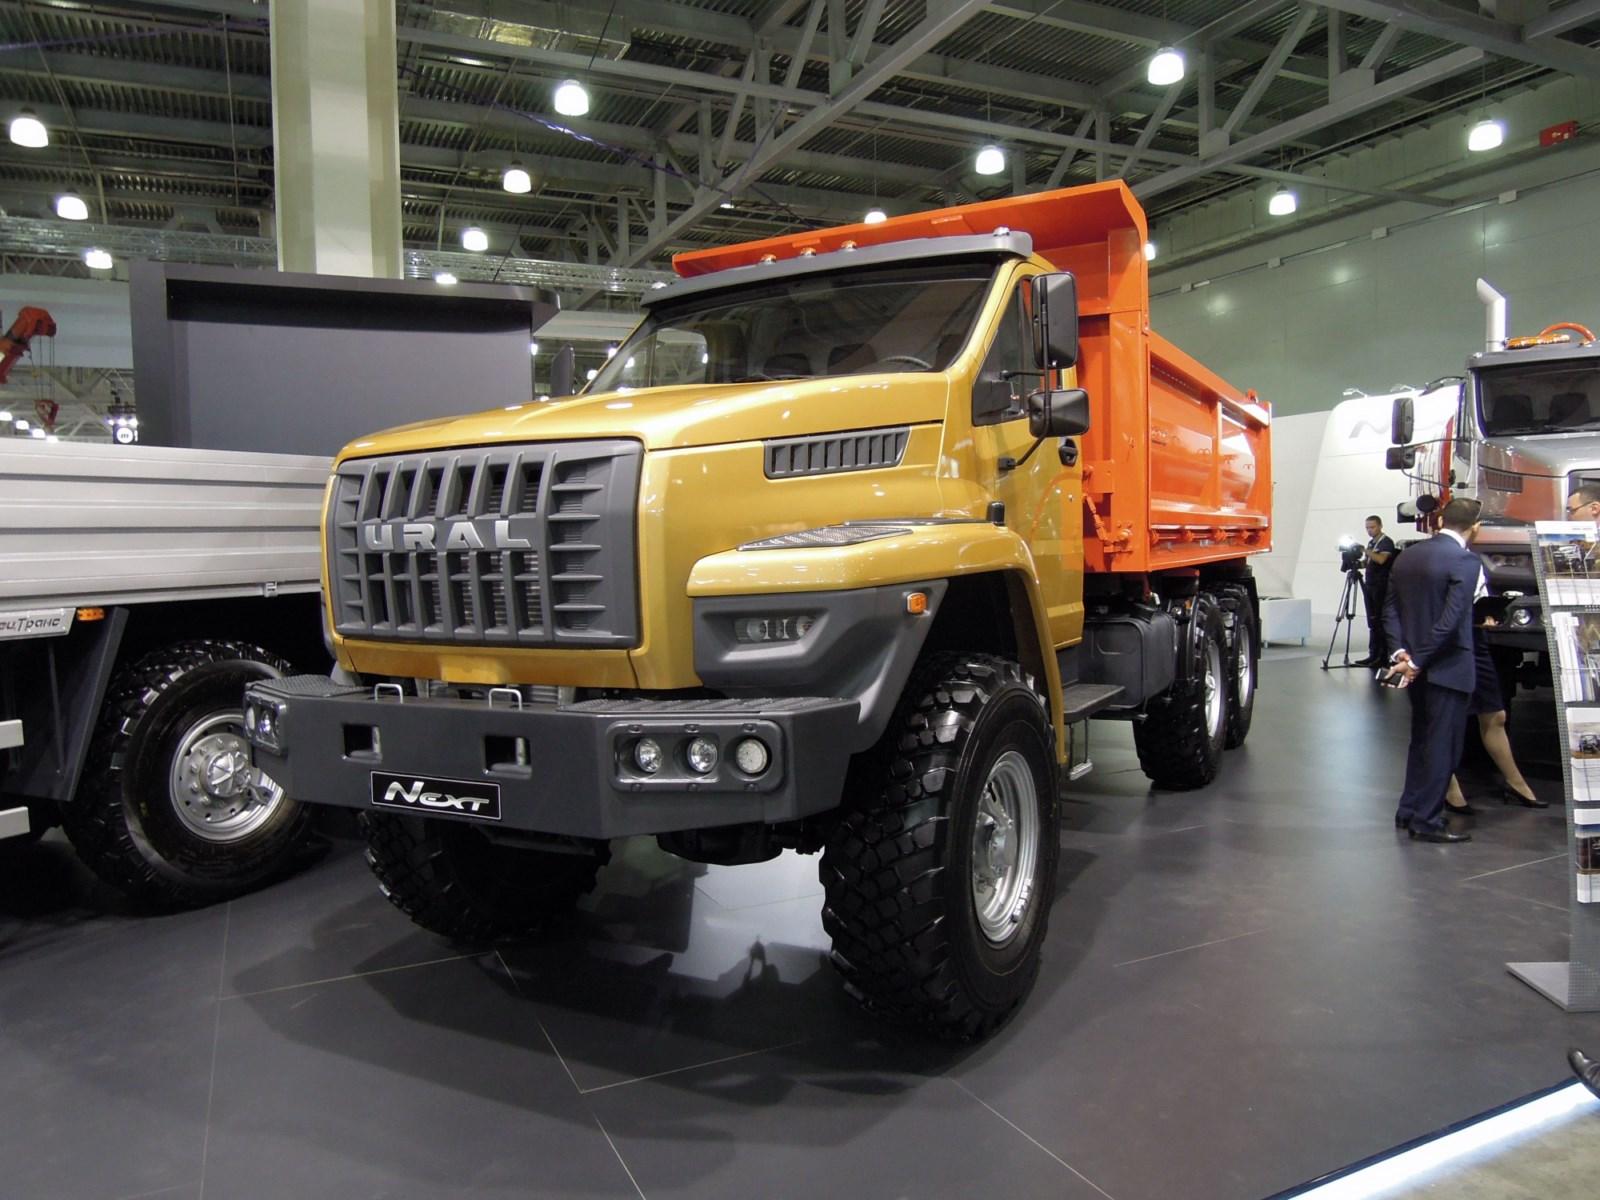 Camion Ural Next Gaz de carga